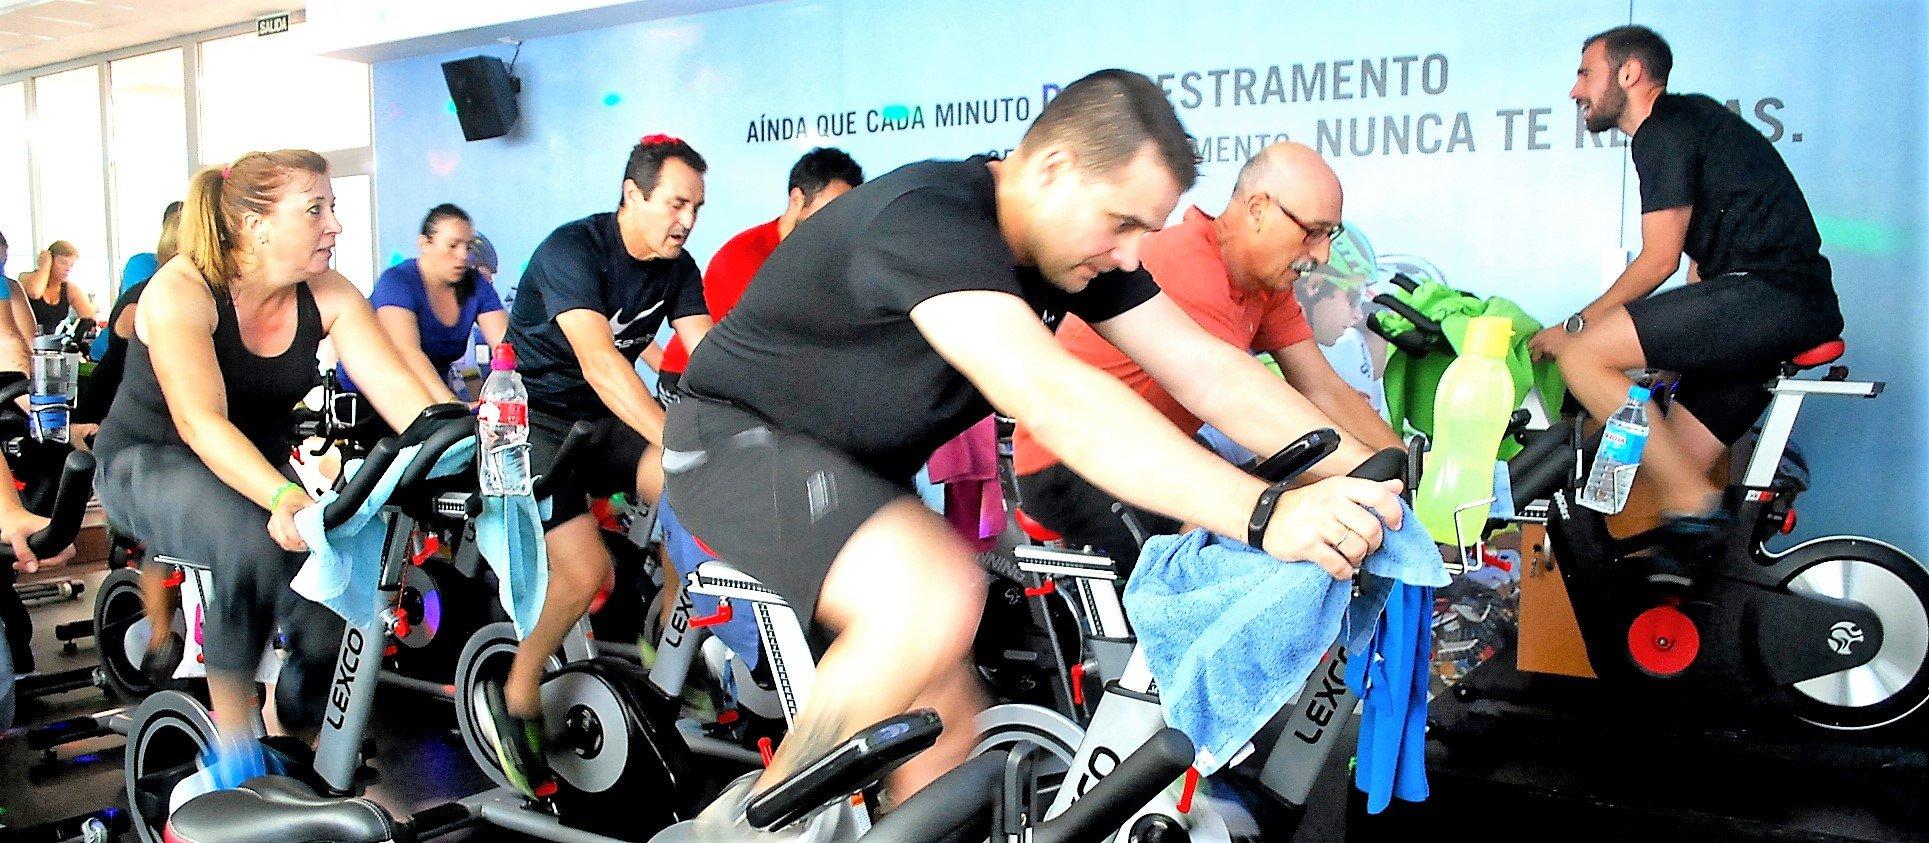 Ciclo indoor en un gimnasio en Vigo